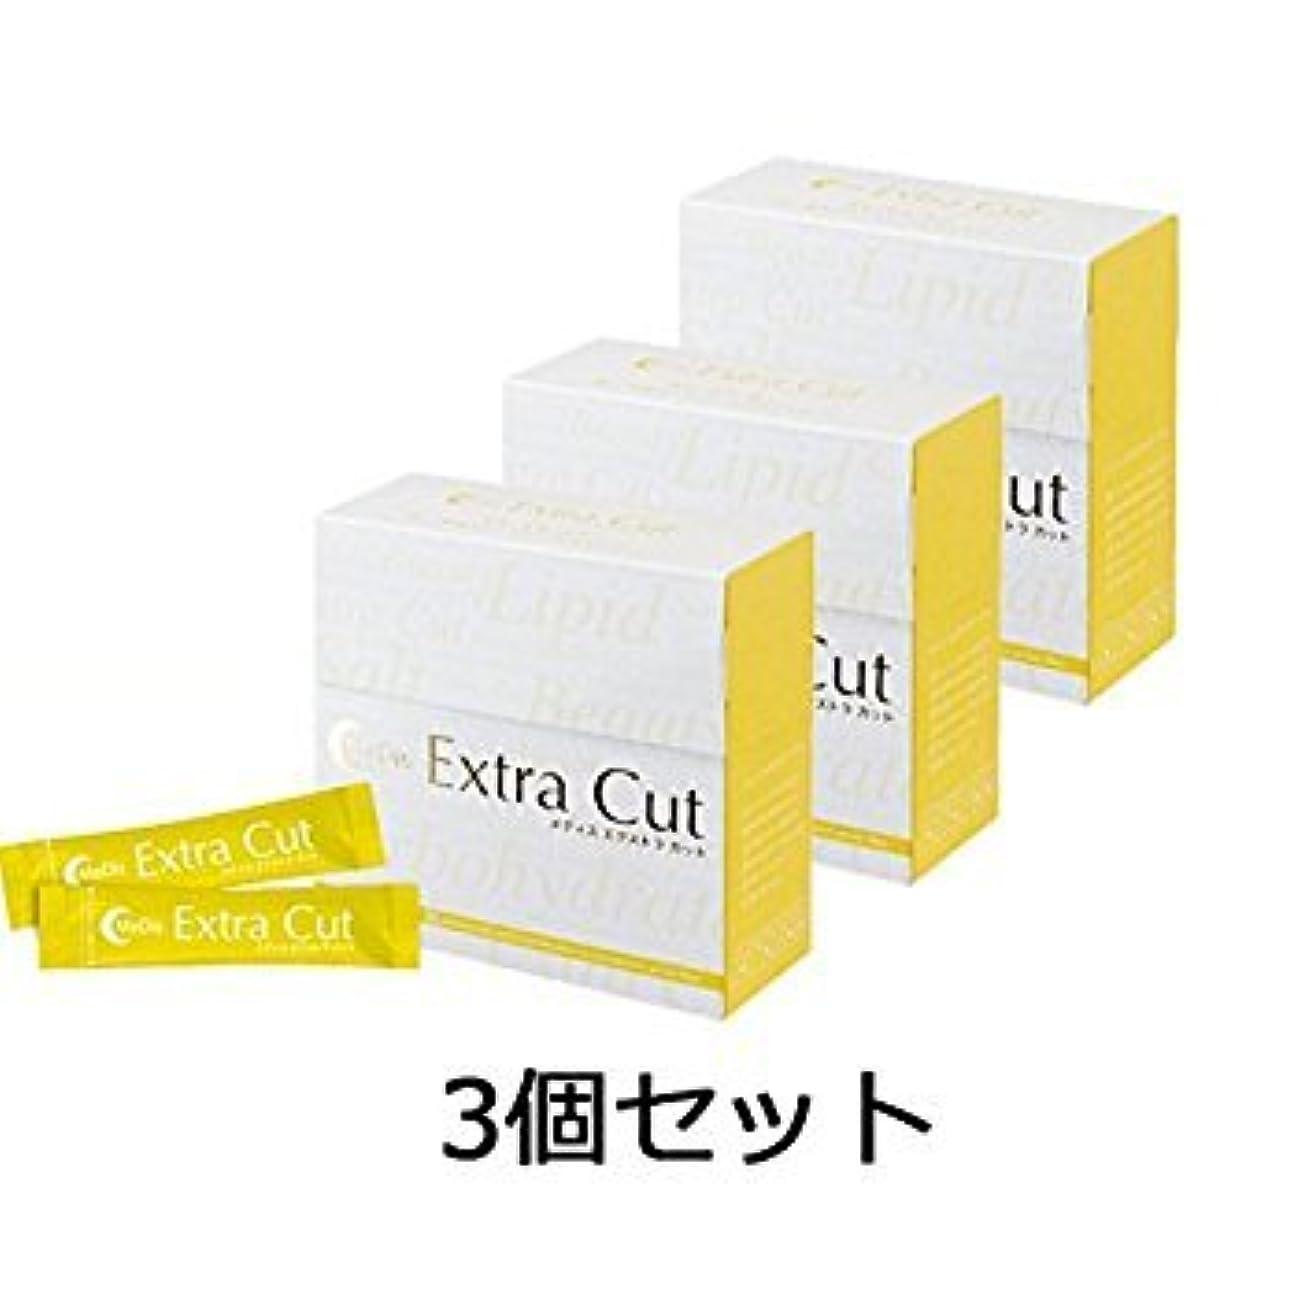 パテ作者部門メディス エクストラカット 90g (3g×30包) × 3個セット